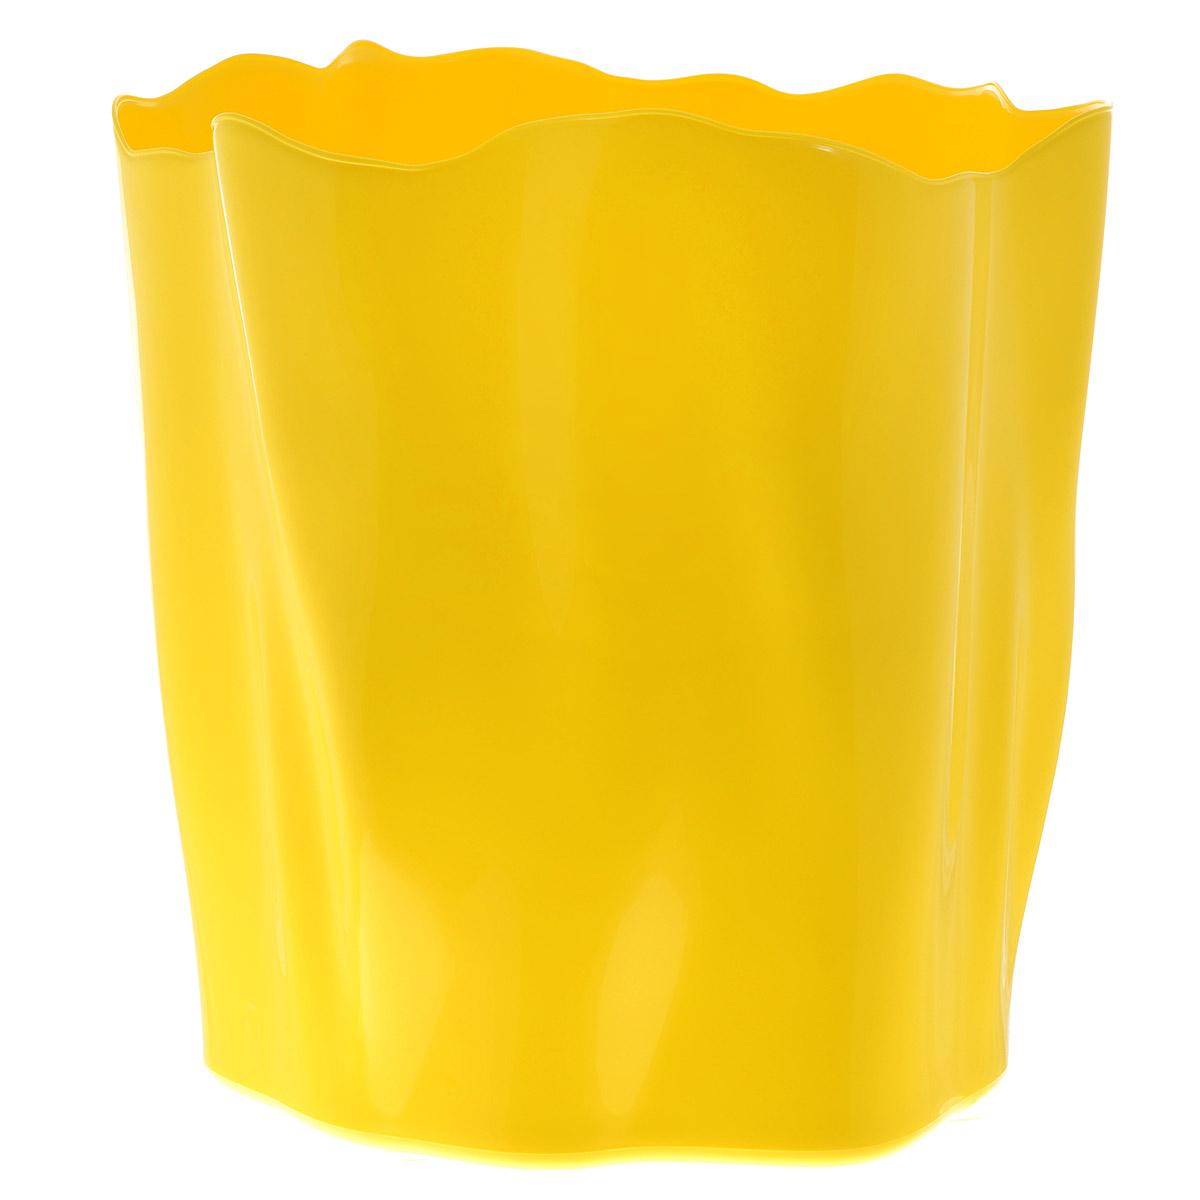 Органайзер Qualy Flow, большой, цвет: желтый, диаметр 27 смQL10141-YWОрганайзер Qualy Flow может пригодиться на кухне, в ванной, в гостиной, на даче, на природе, в городе, в деревне. В него можно складывать фрукты, овощи, хлеб, кухонные приборы и аксессуары, всевозможные баночки, можно использовать органайзер как мусорную корзину, вазу. Все зависит от вашей фантазии и от хозяйственных потребностей! Пластиковый оригинальный органайзер пригодится везде! Диаметр: 27 см. Высота стенки: 28 см.